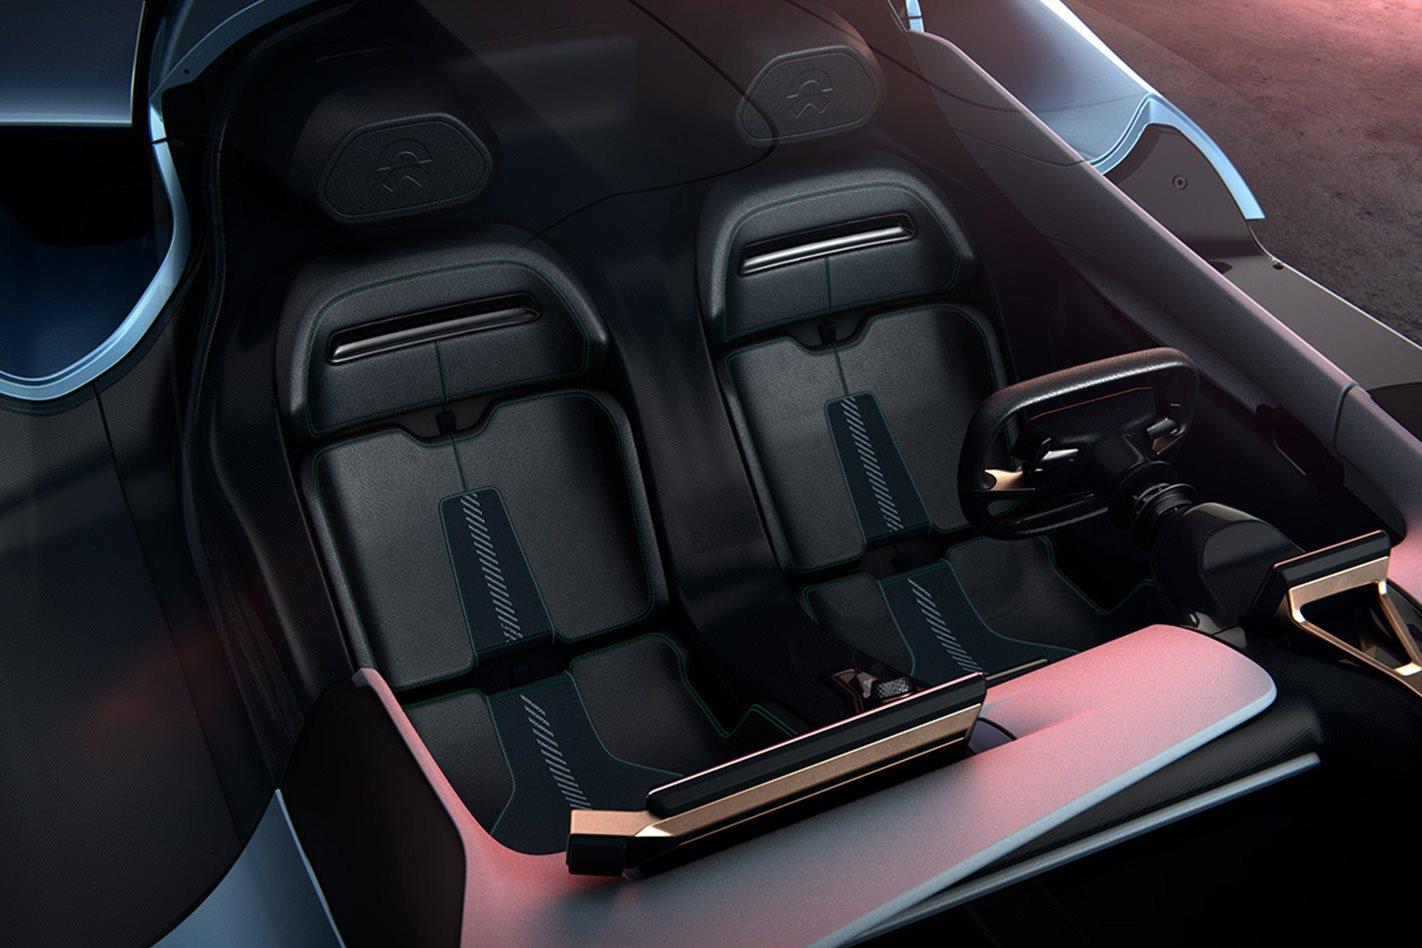 2018-NIO-EP9-electric-supercar-cabin-design.jpg